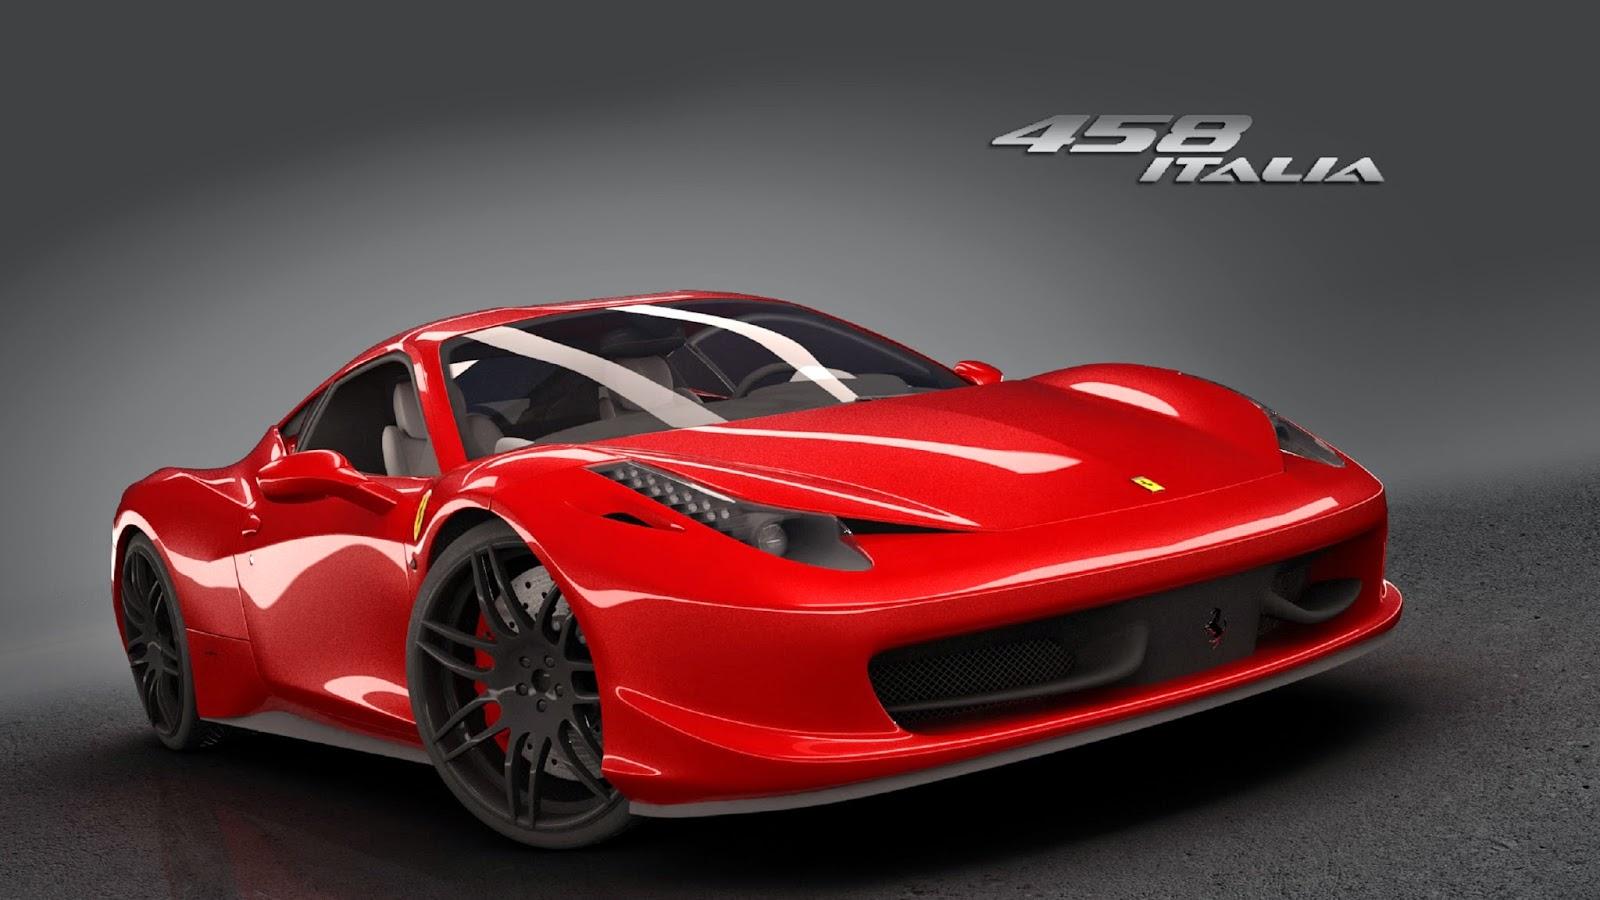 Mobil Ferrari: Daftar Harga Mobil Ferrari Terbaru